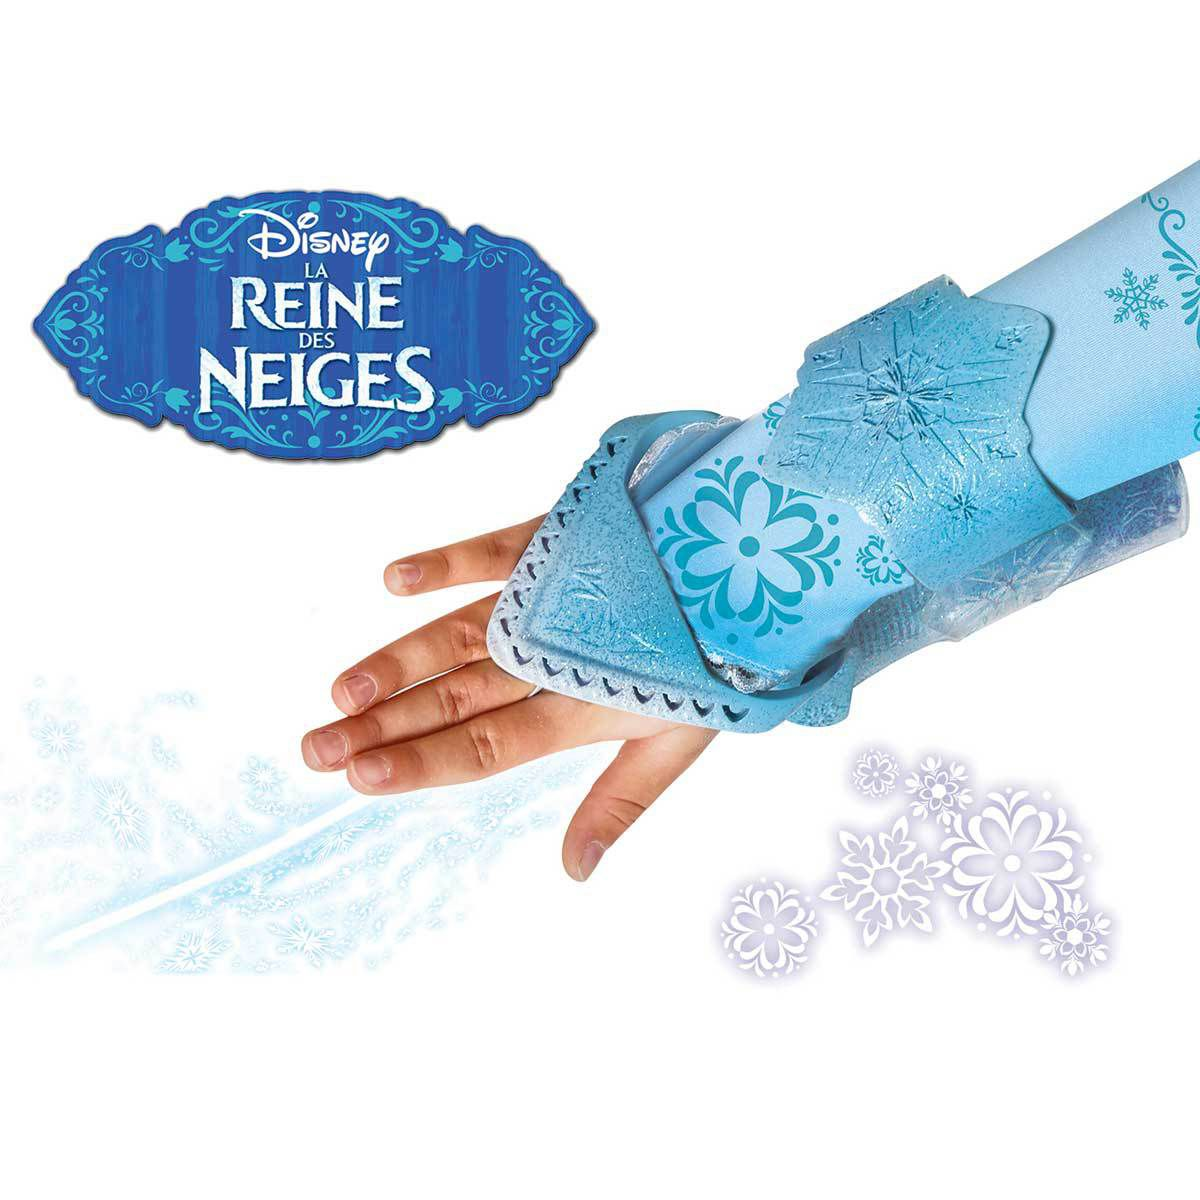 La reine des neiges gant magique elsa lance glace for Chateau de glace reine des neiges